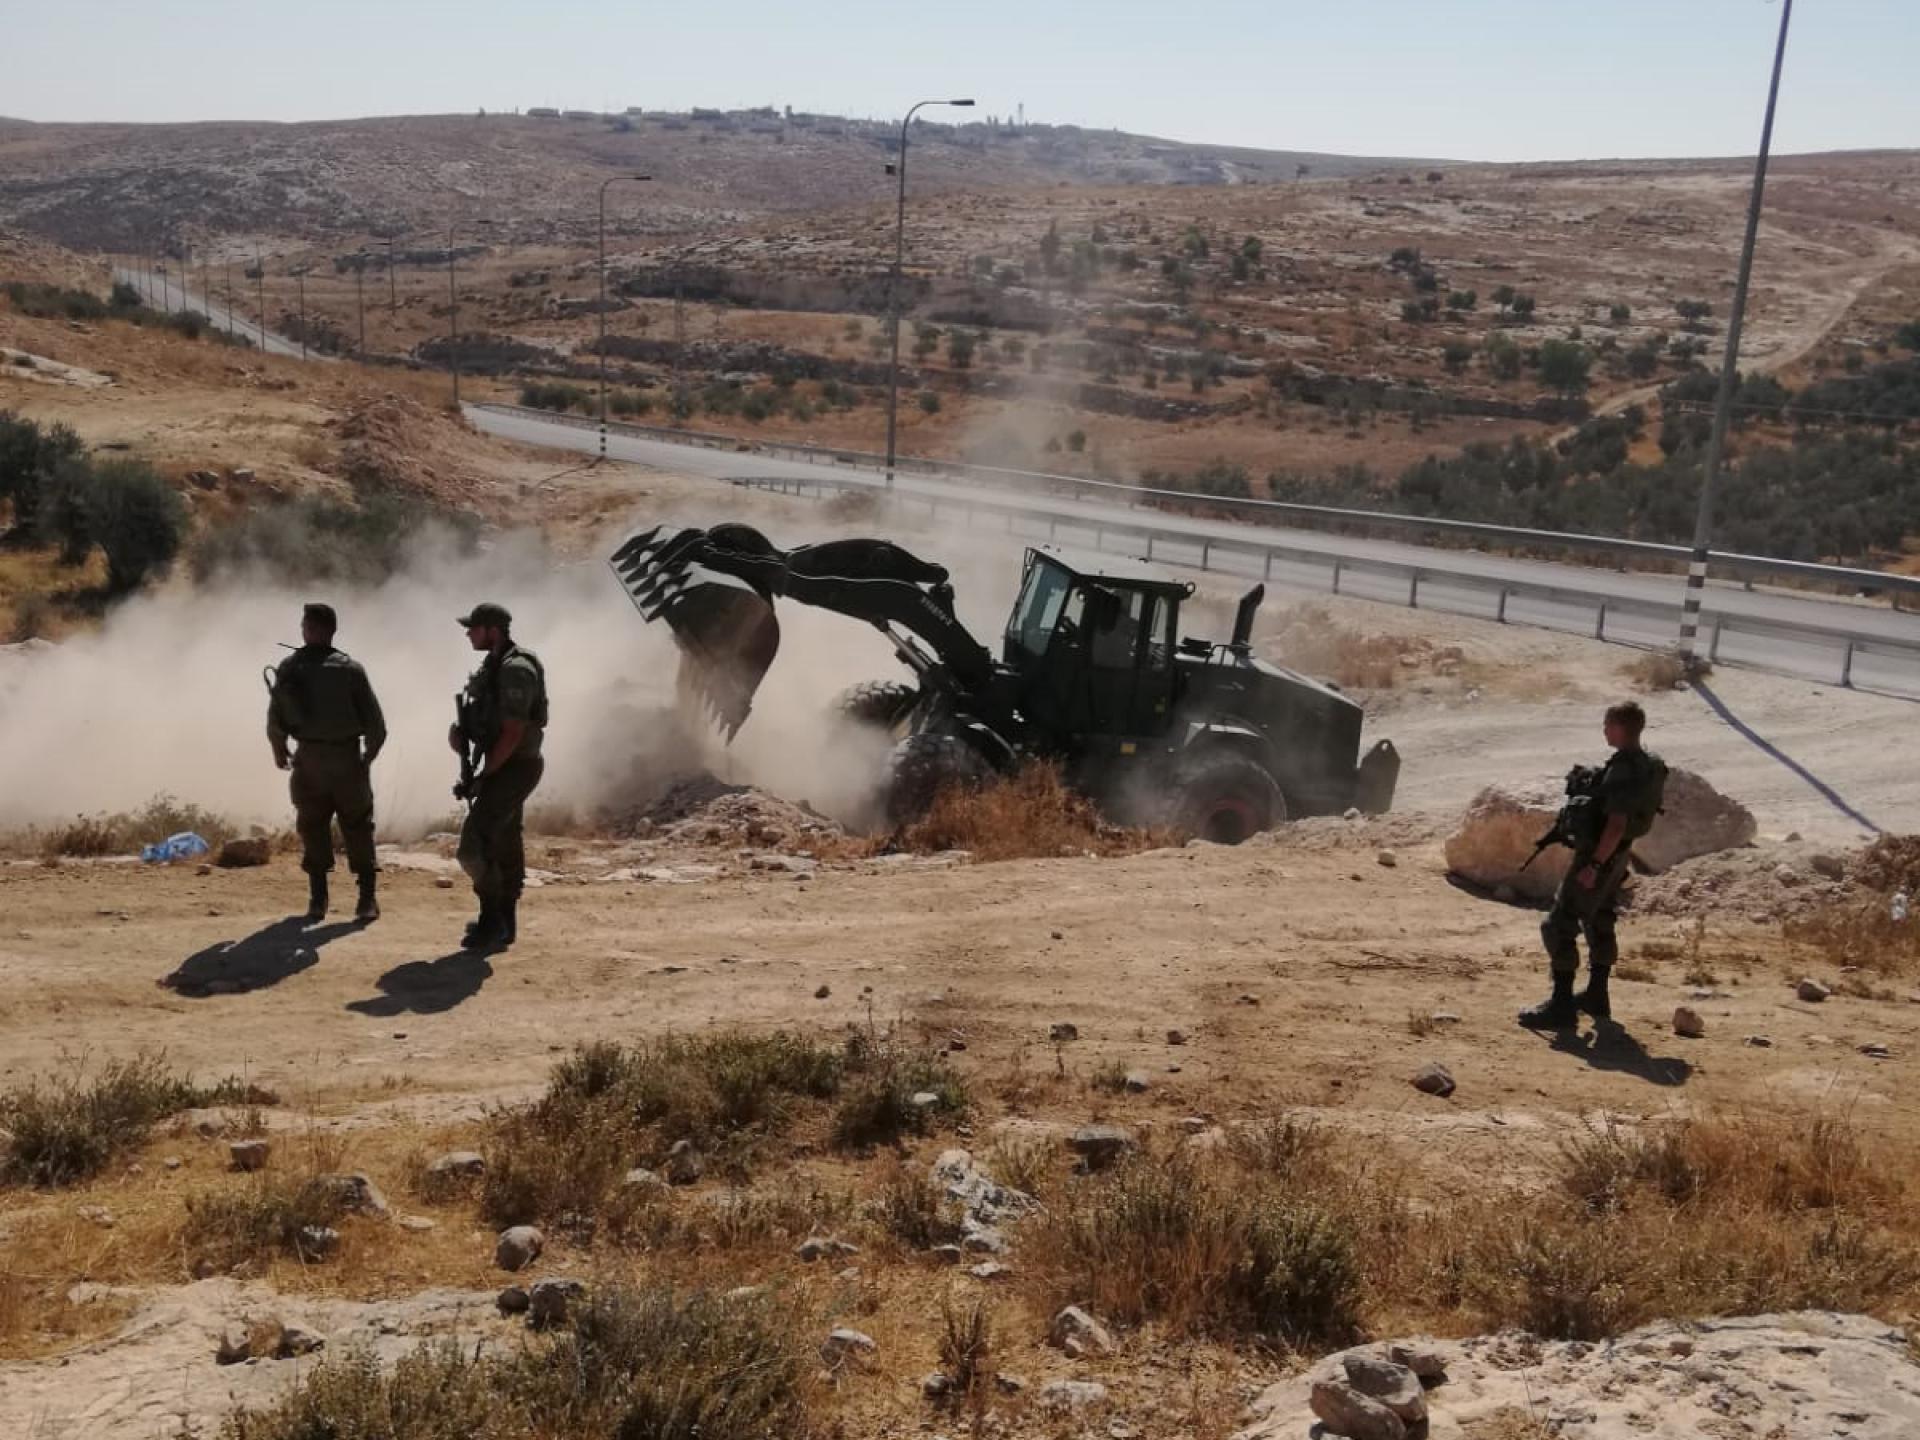 טרקטור חופר באמצע הדרך וחיילים סביבו